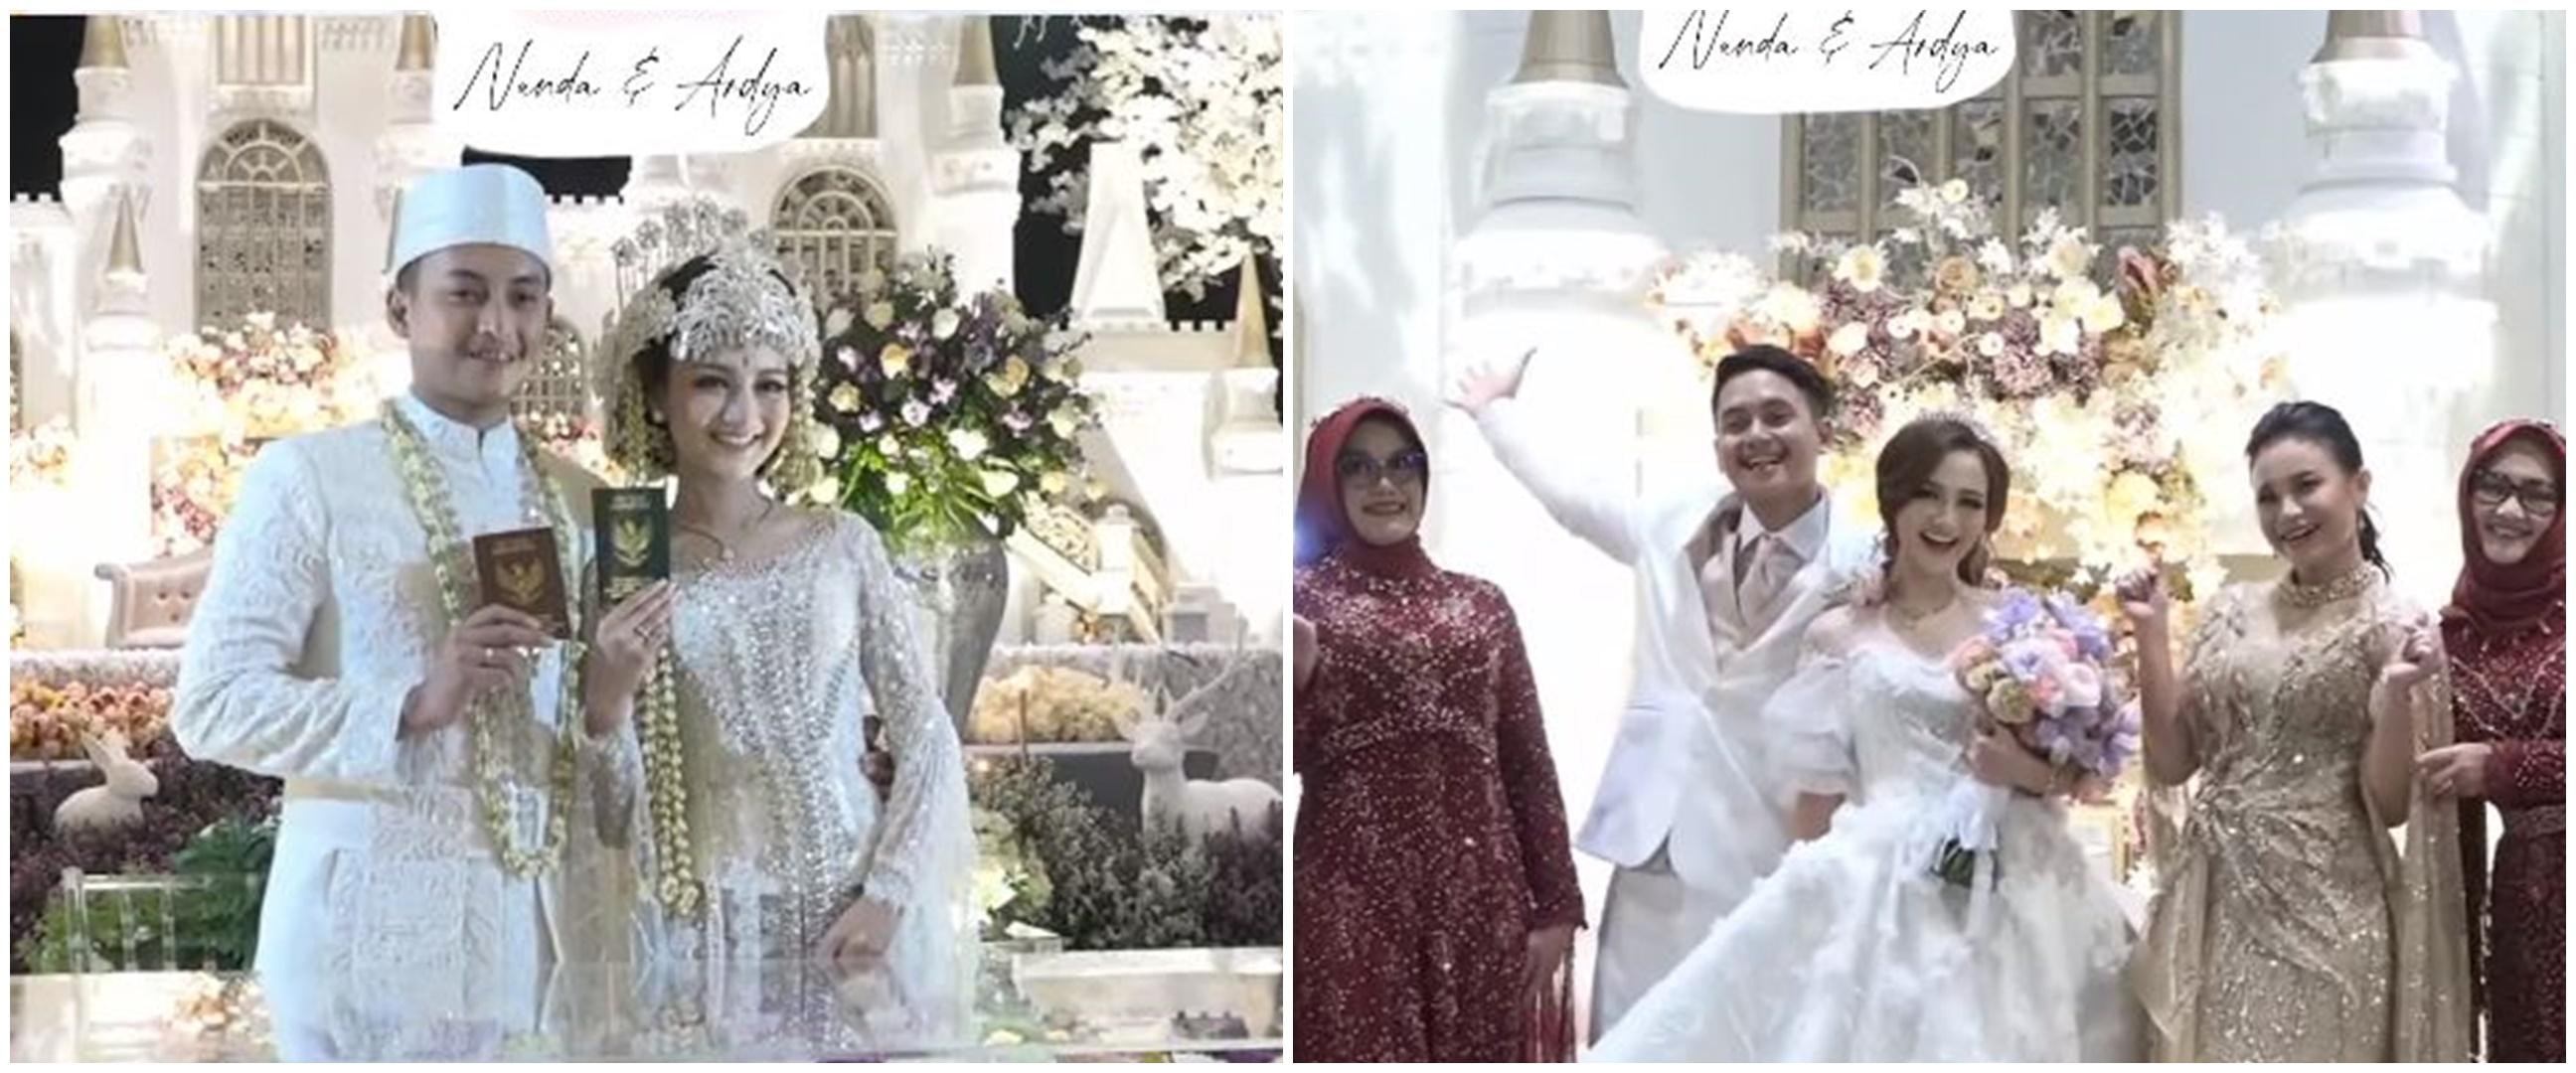 10 Momen pernikahan selebgram Nanda Arsyinta, maskawin saham 305 lot